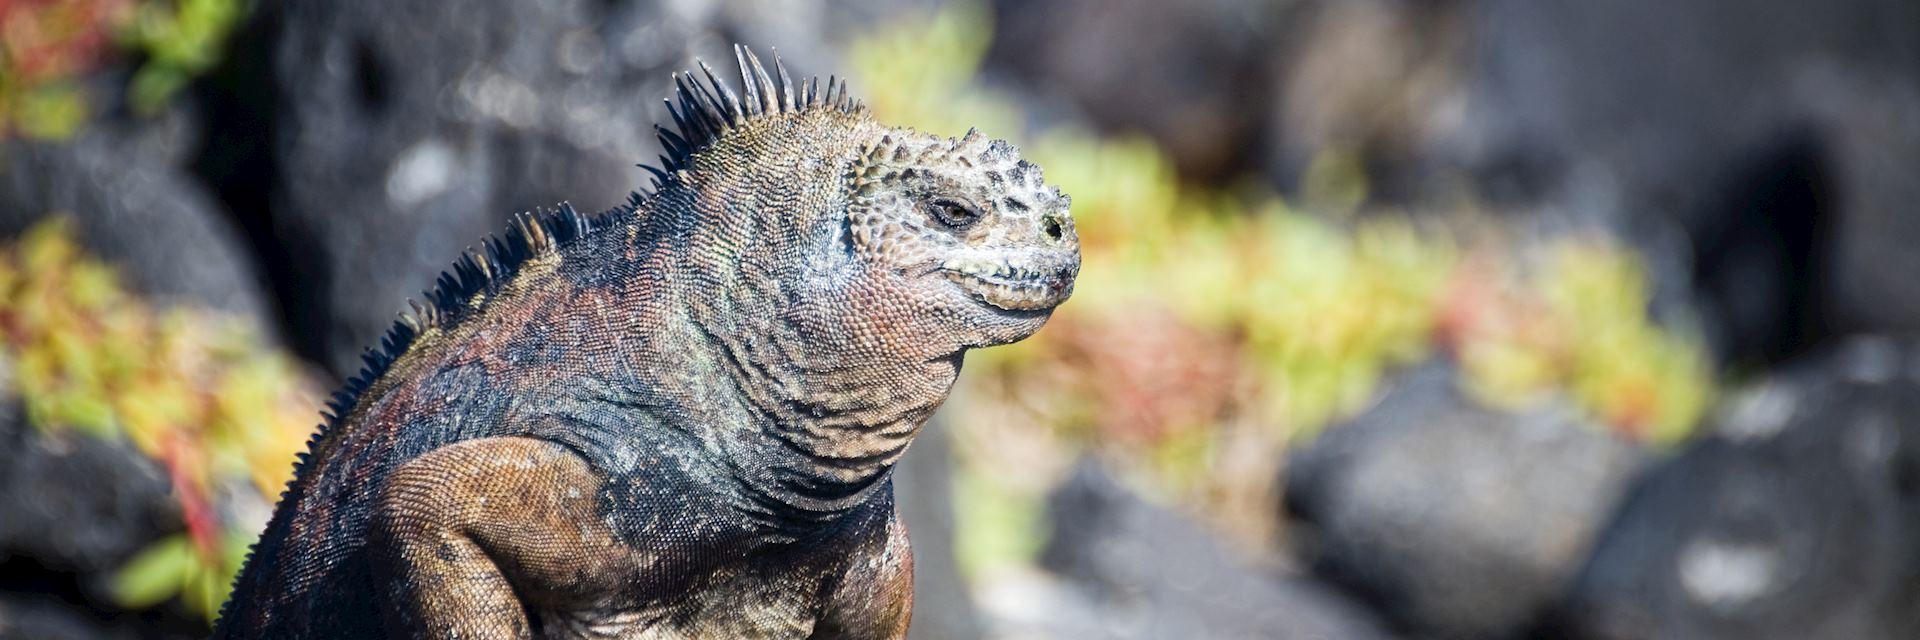 The diet of marine iguanas is underwater algae and seaweed